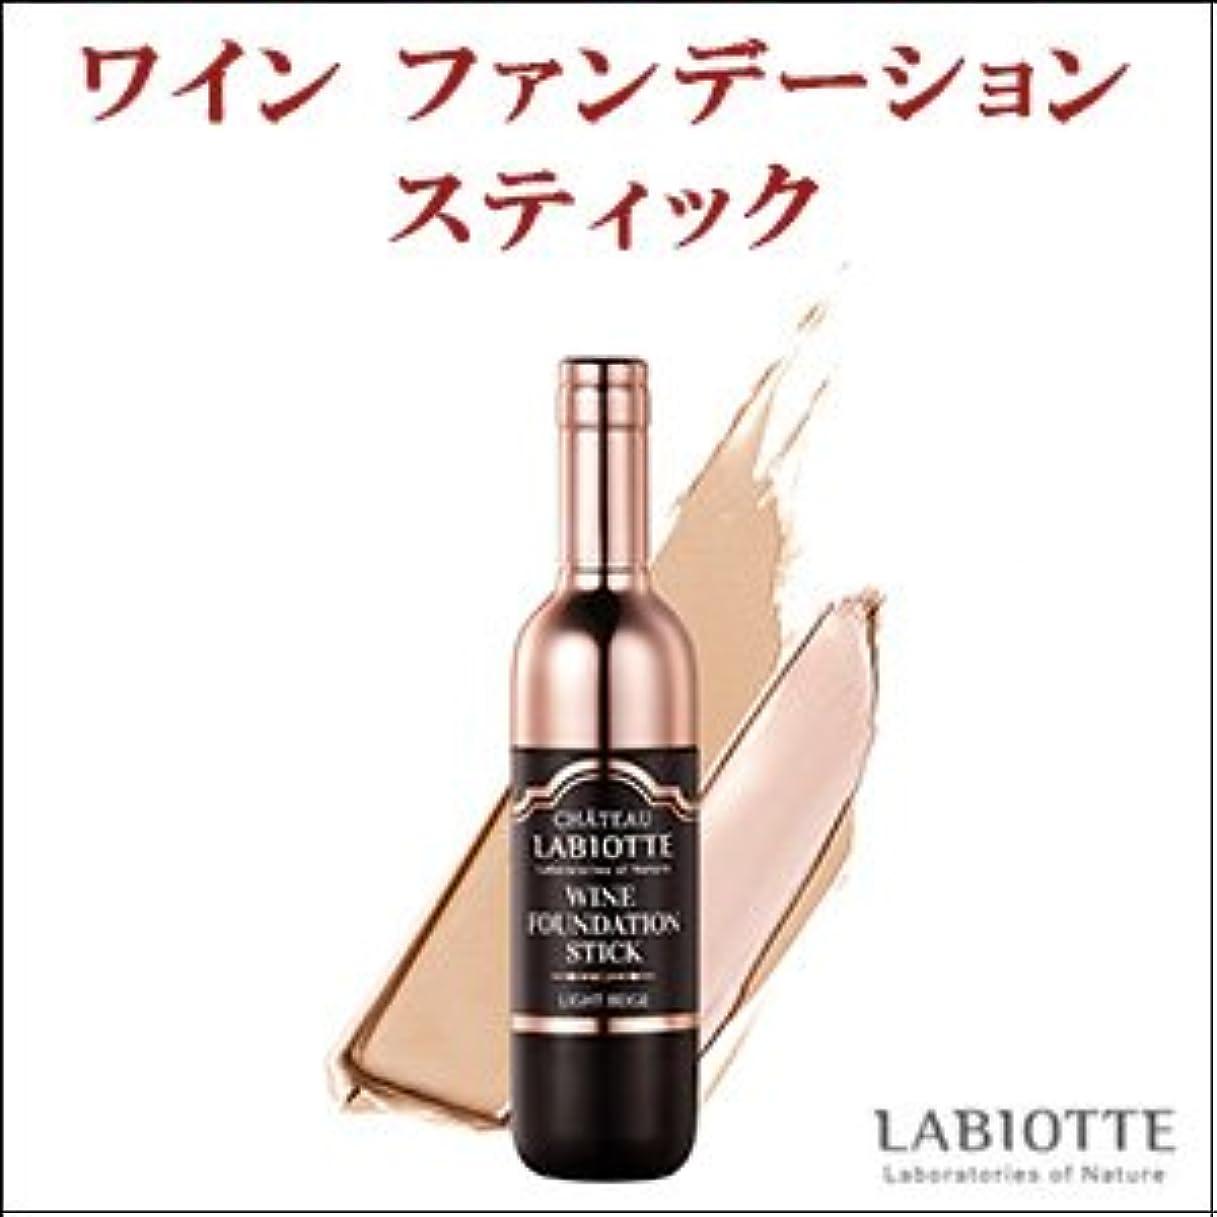 歴史家動く説教するLABIOTTE シャトー ラビオッテ ワイン ファンデーション スティック カラー:BE21 ライトベージュ